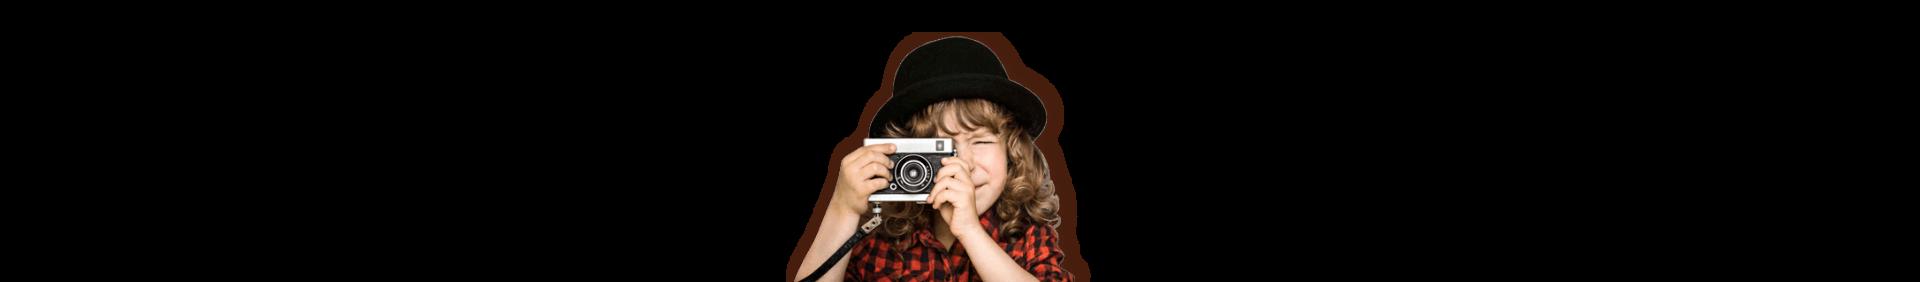 gallery-kid-1